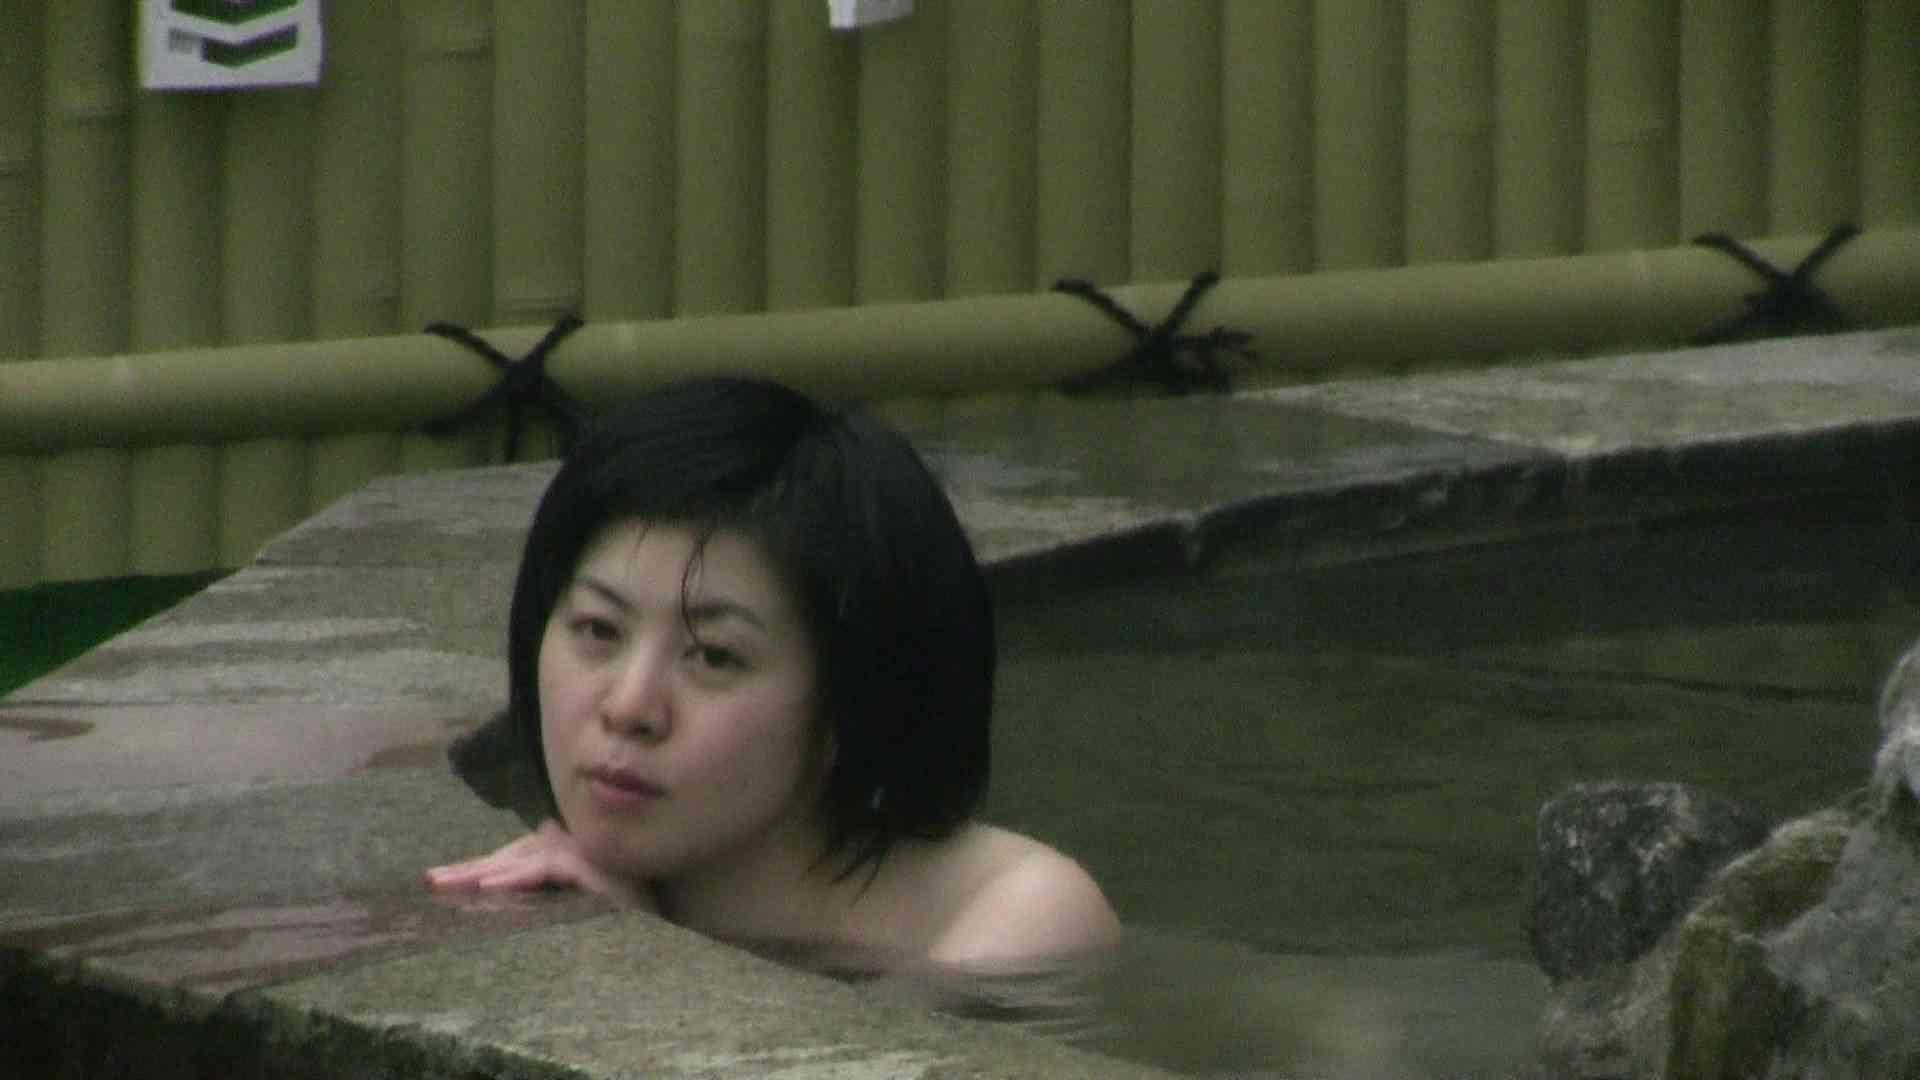 Aquaな露天風呂Vol.685 0  60pic 28